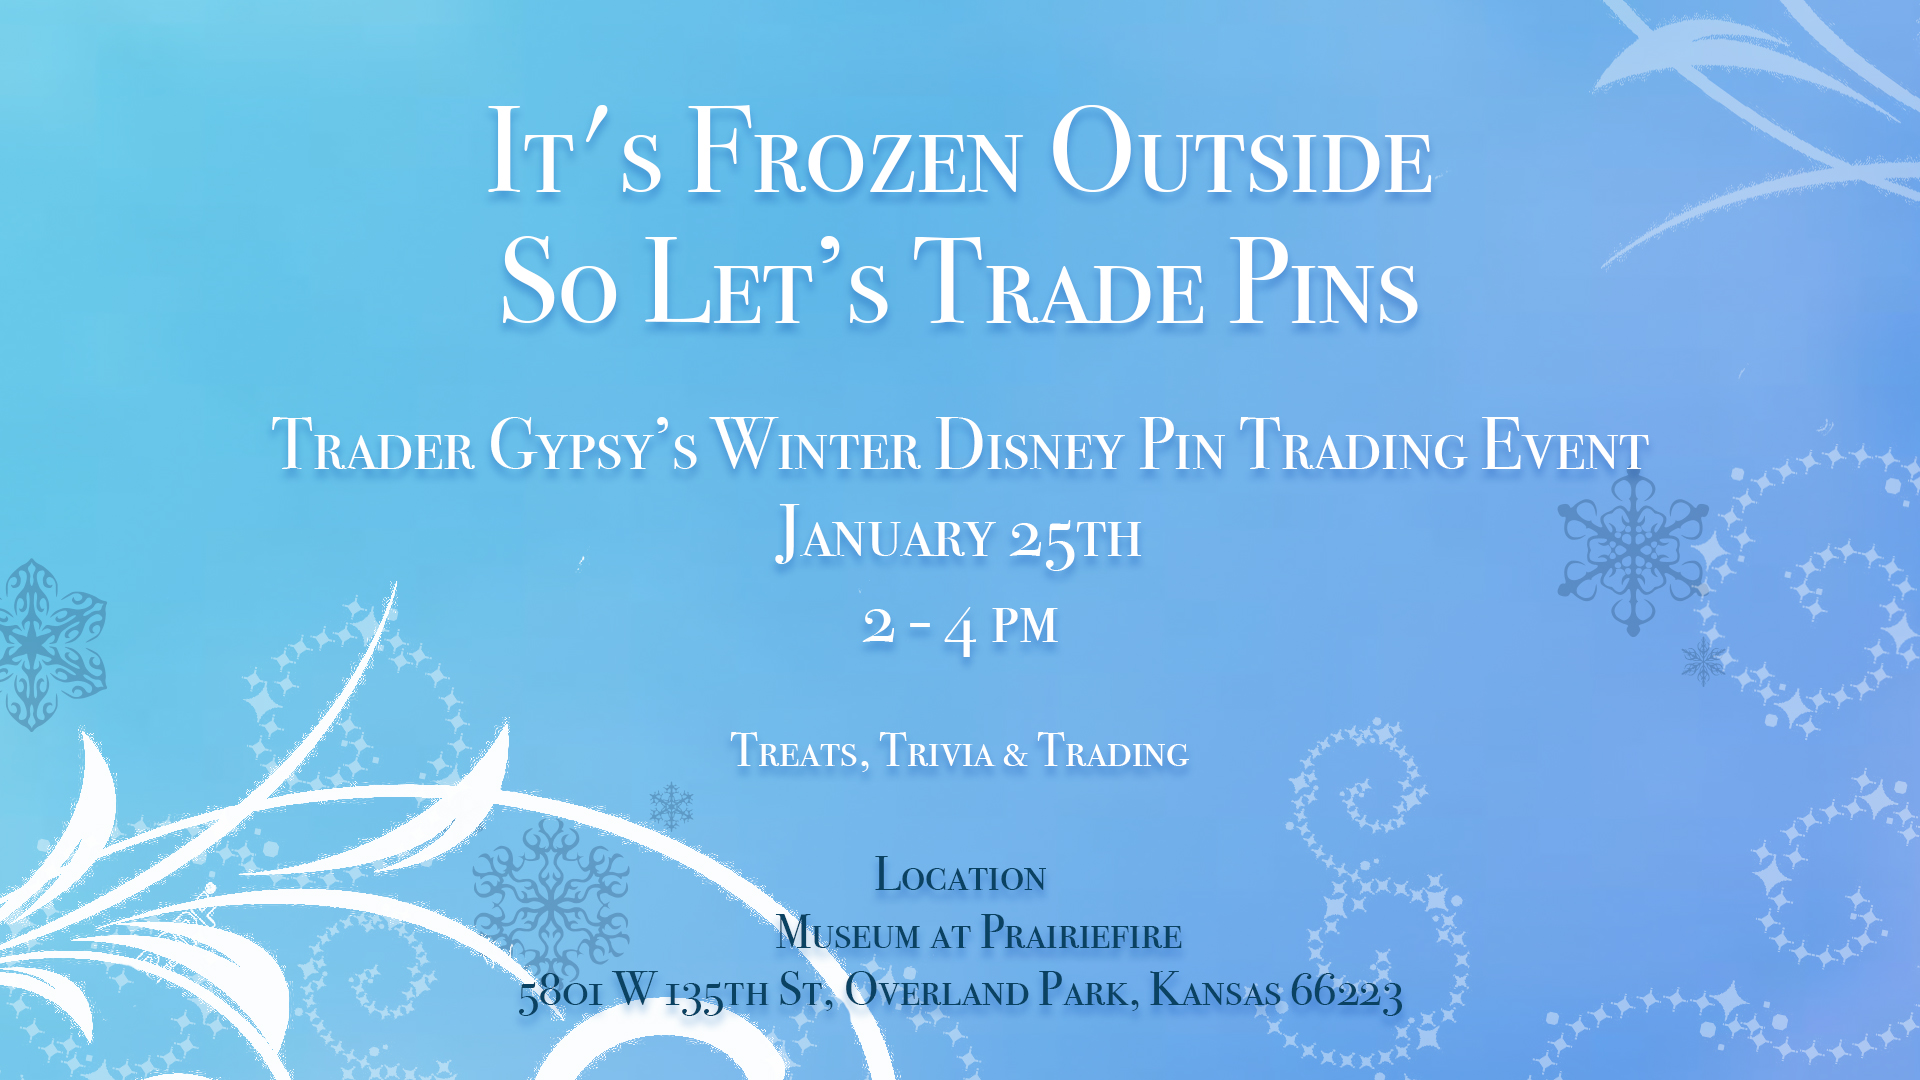 It's Frozen Outside So Let's Trade Disney Pins Inside